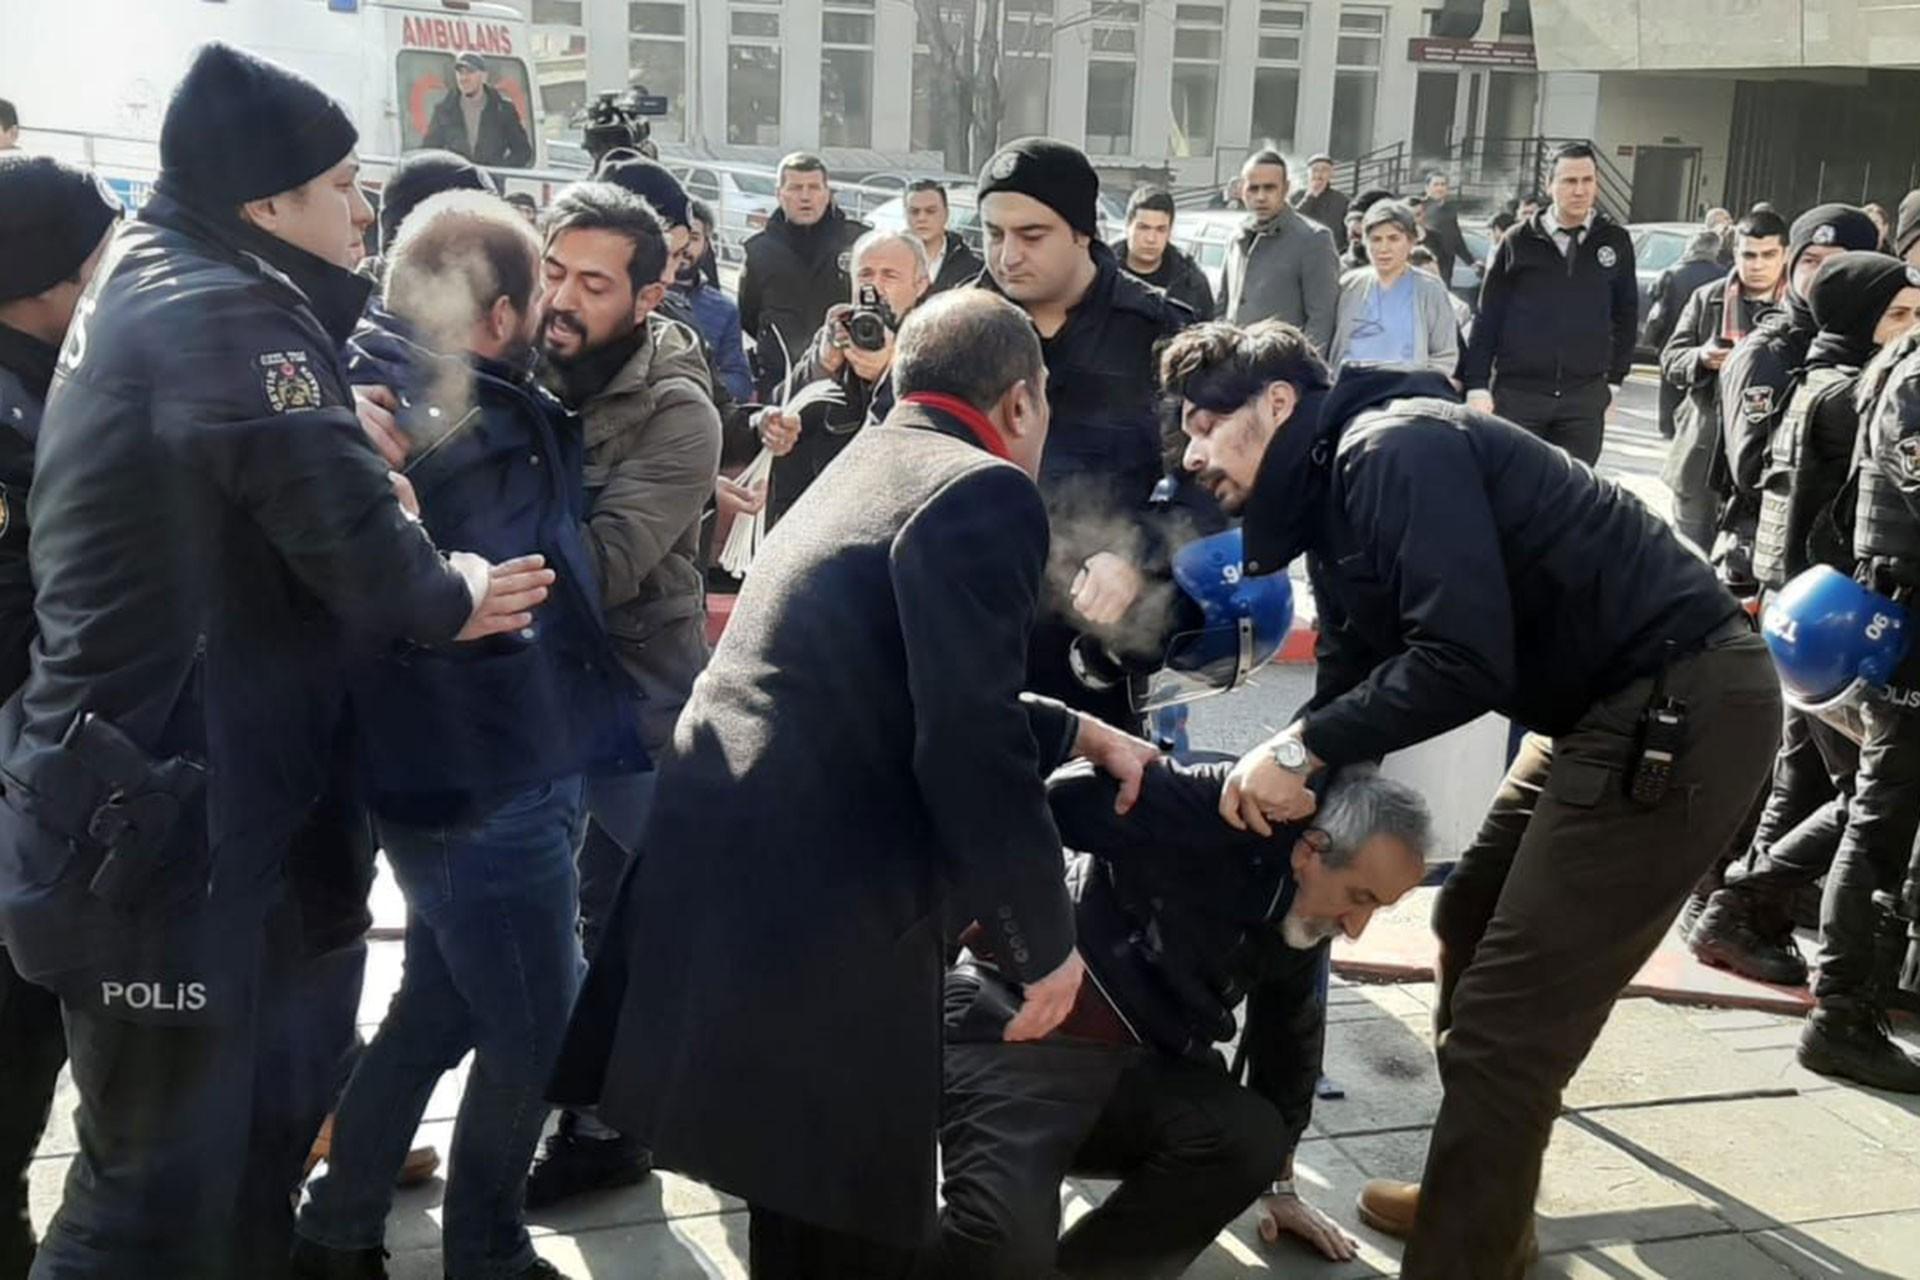 Şiddeti protesto eden hekimlere polis müdahalesi